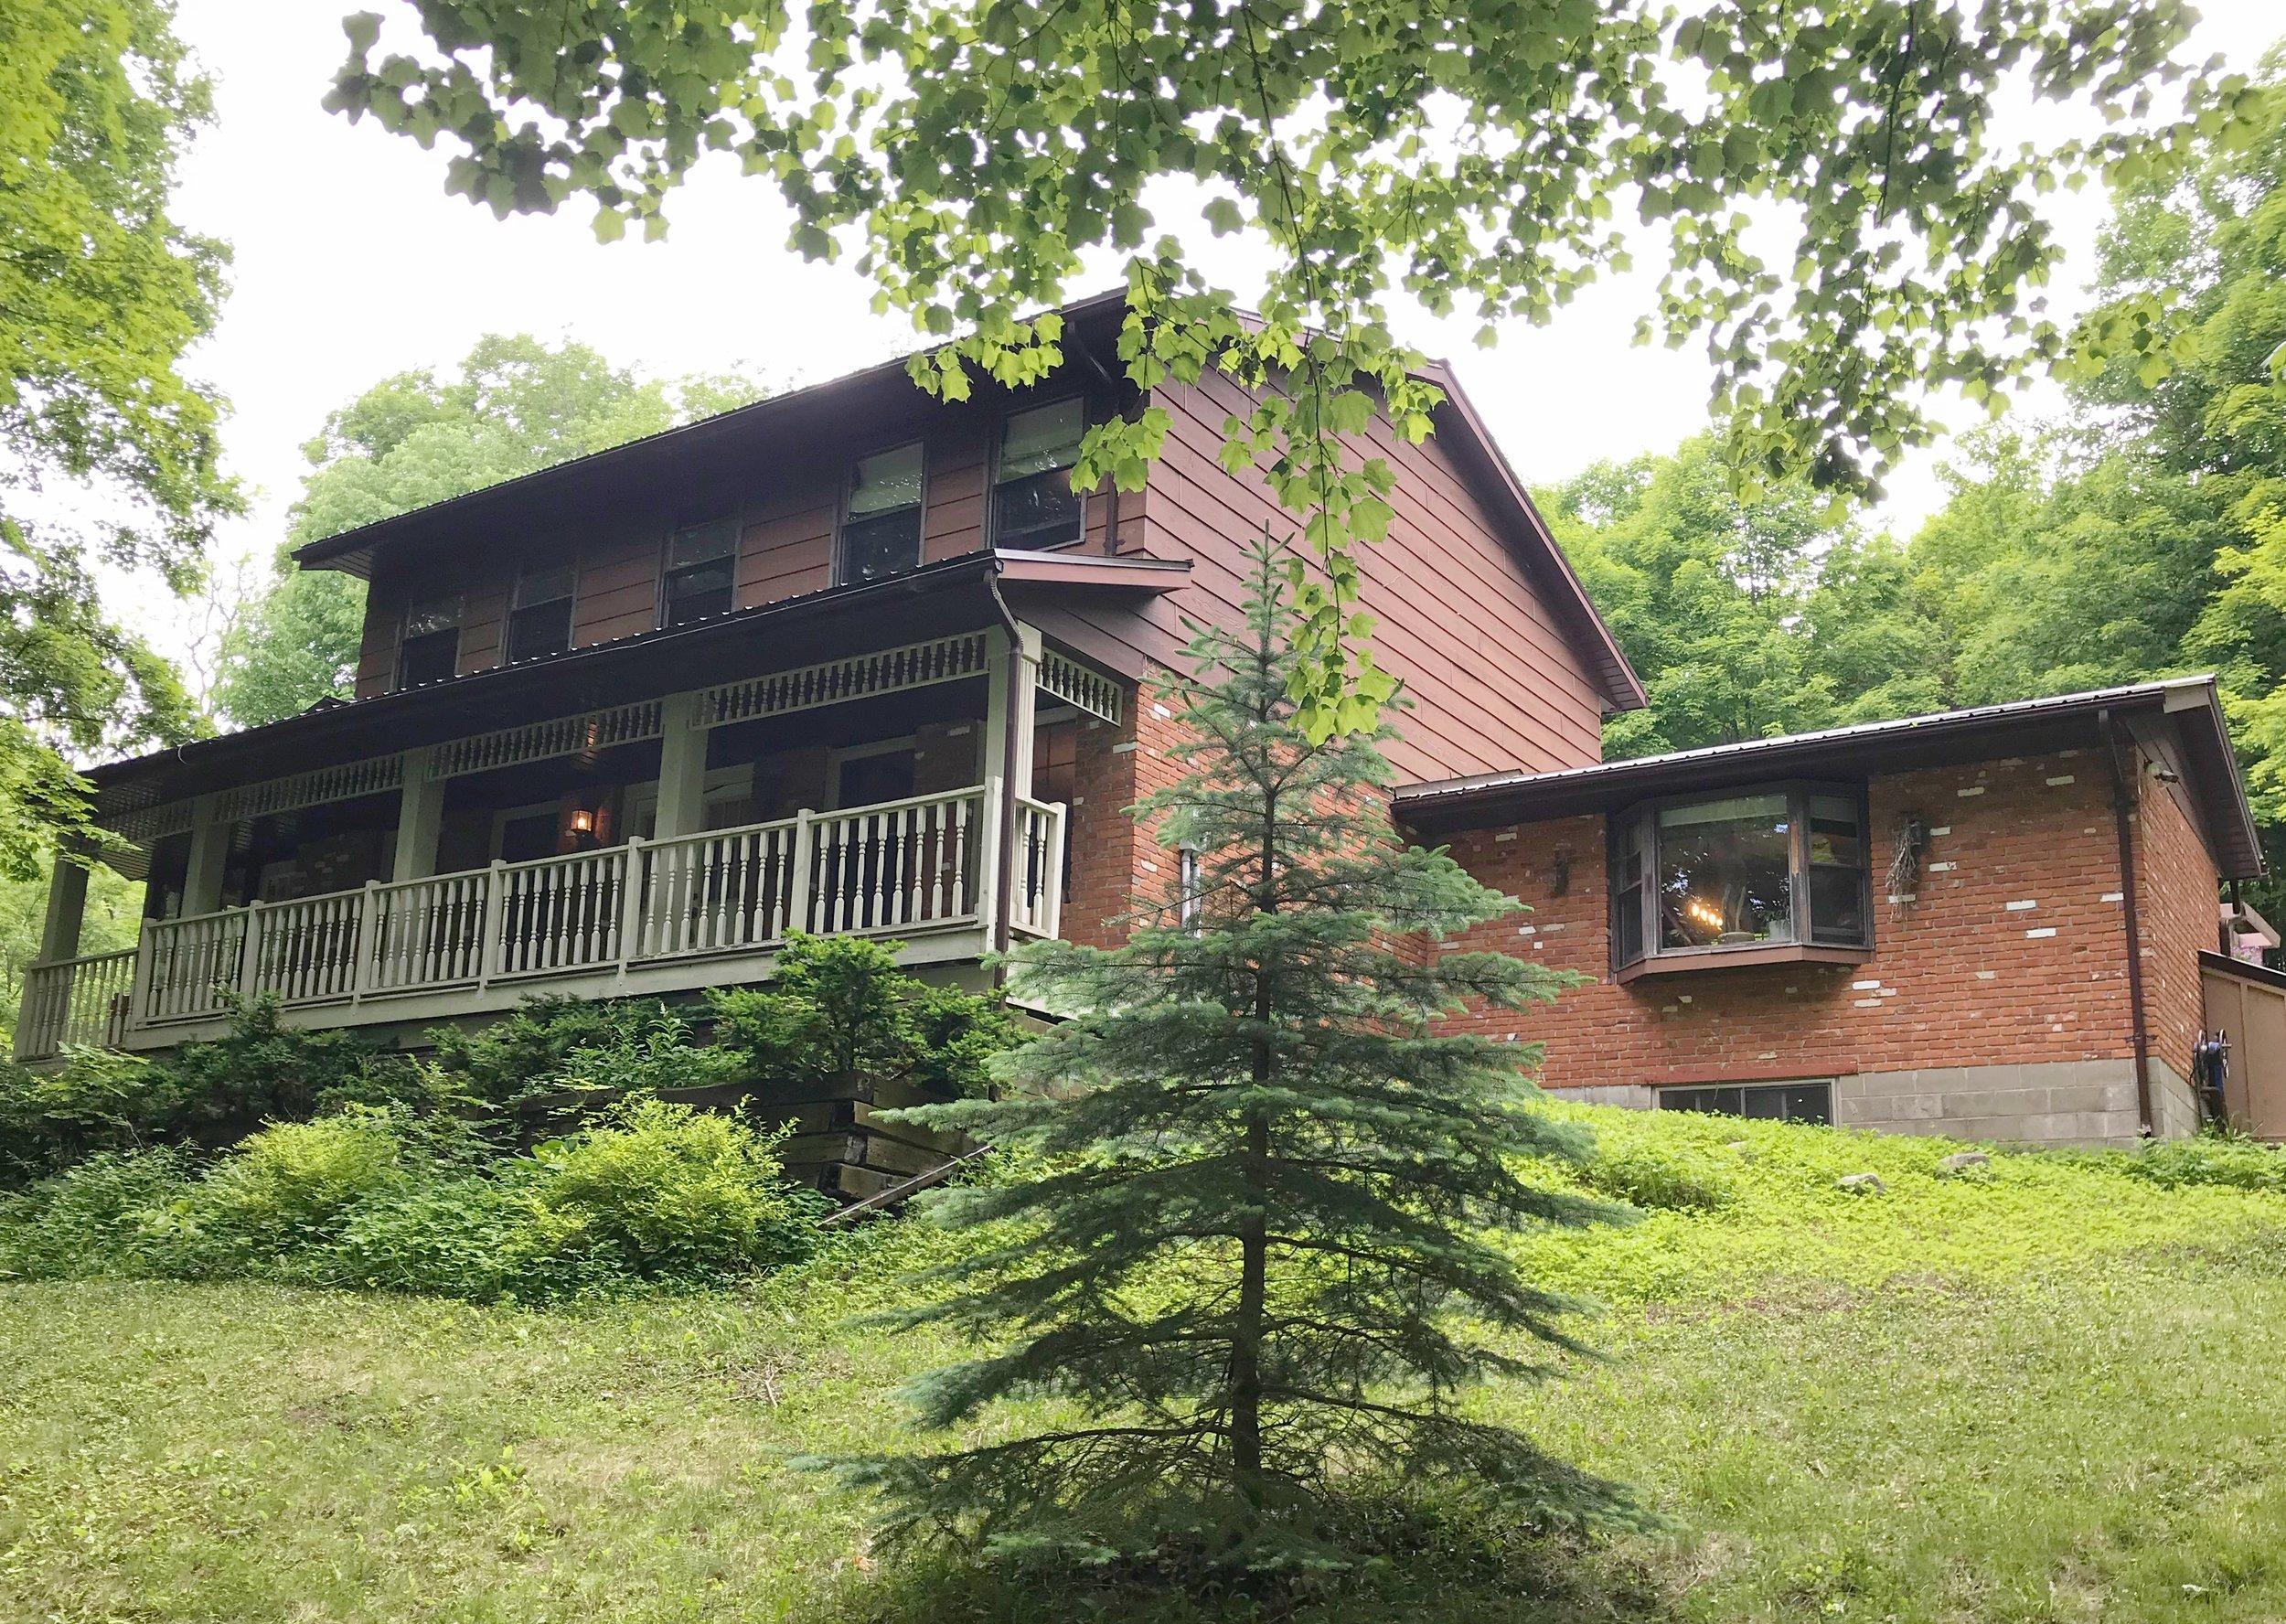 237 Beatty Rd simplybellevillerealestate.com Main.jpg